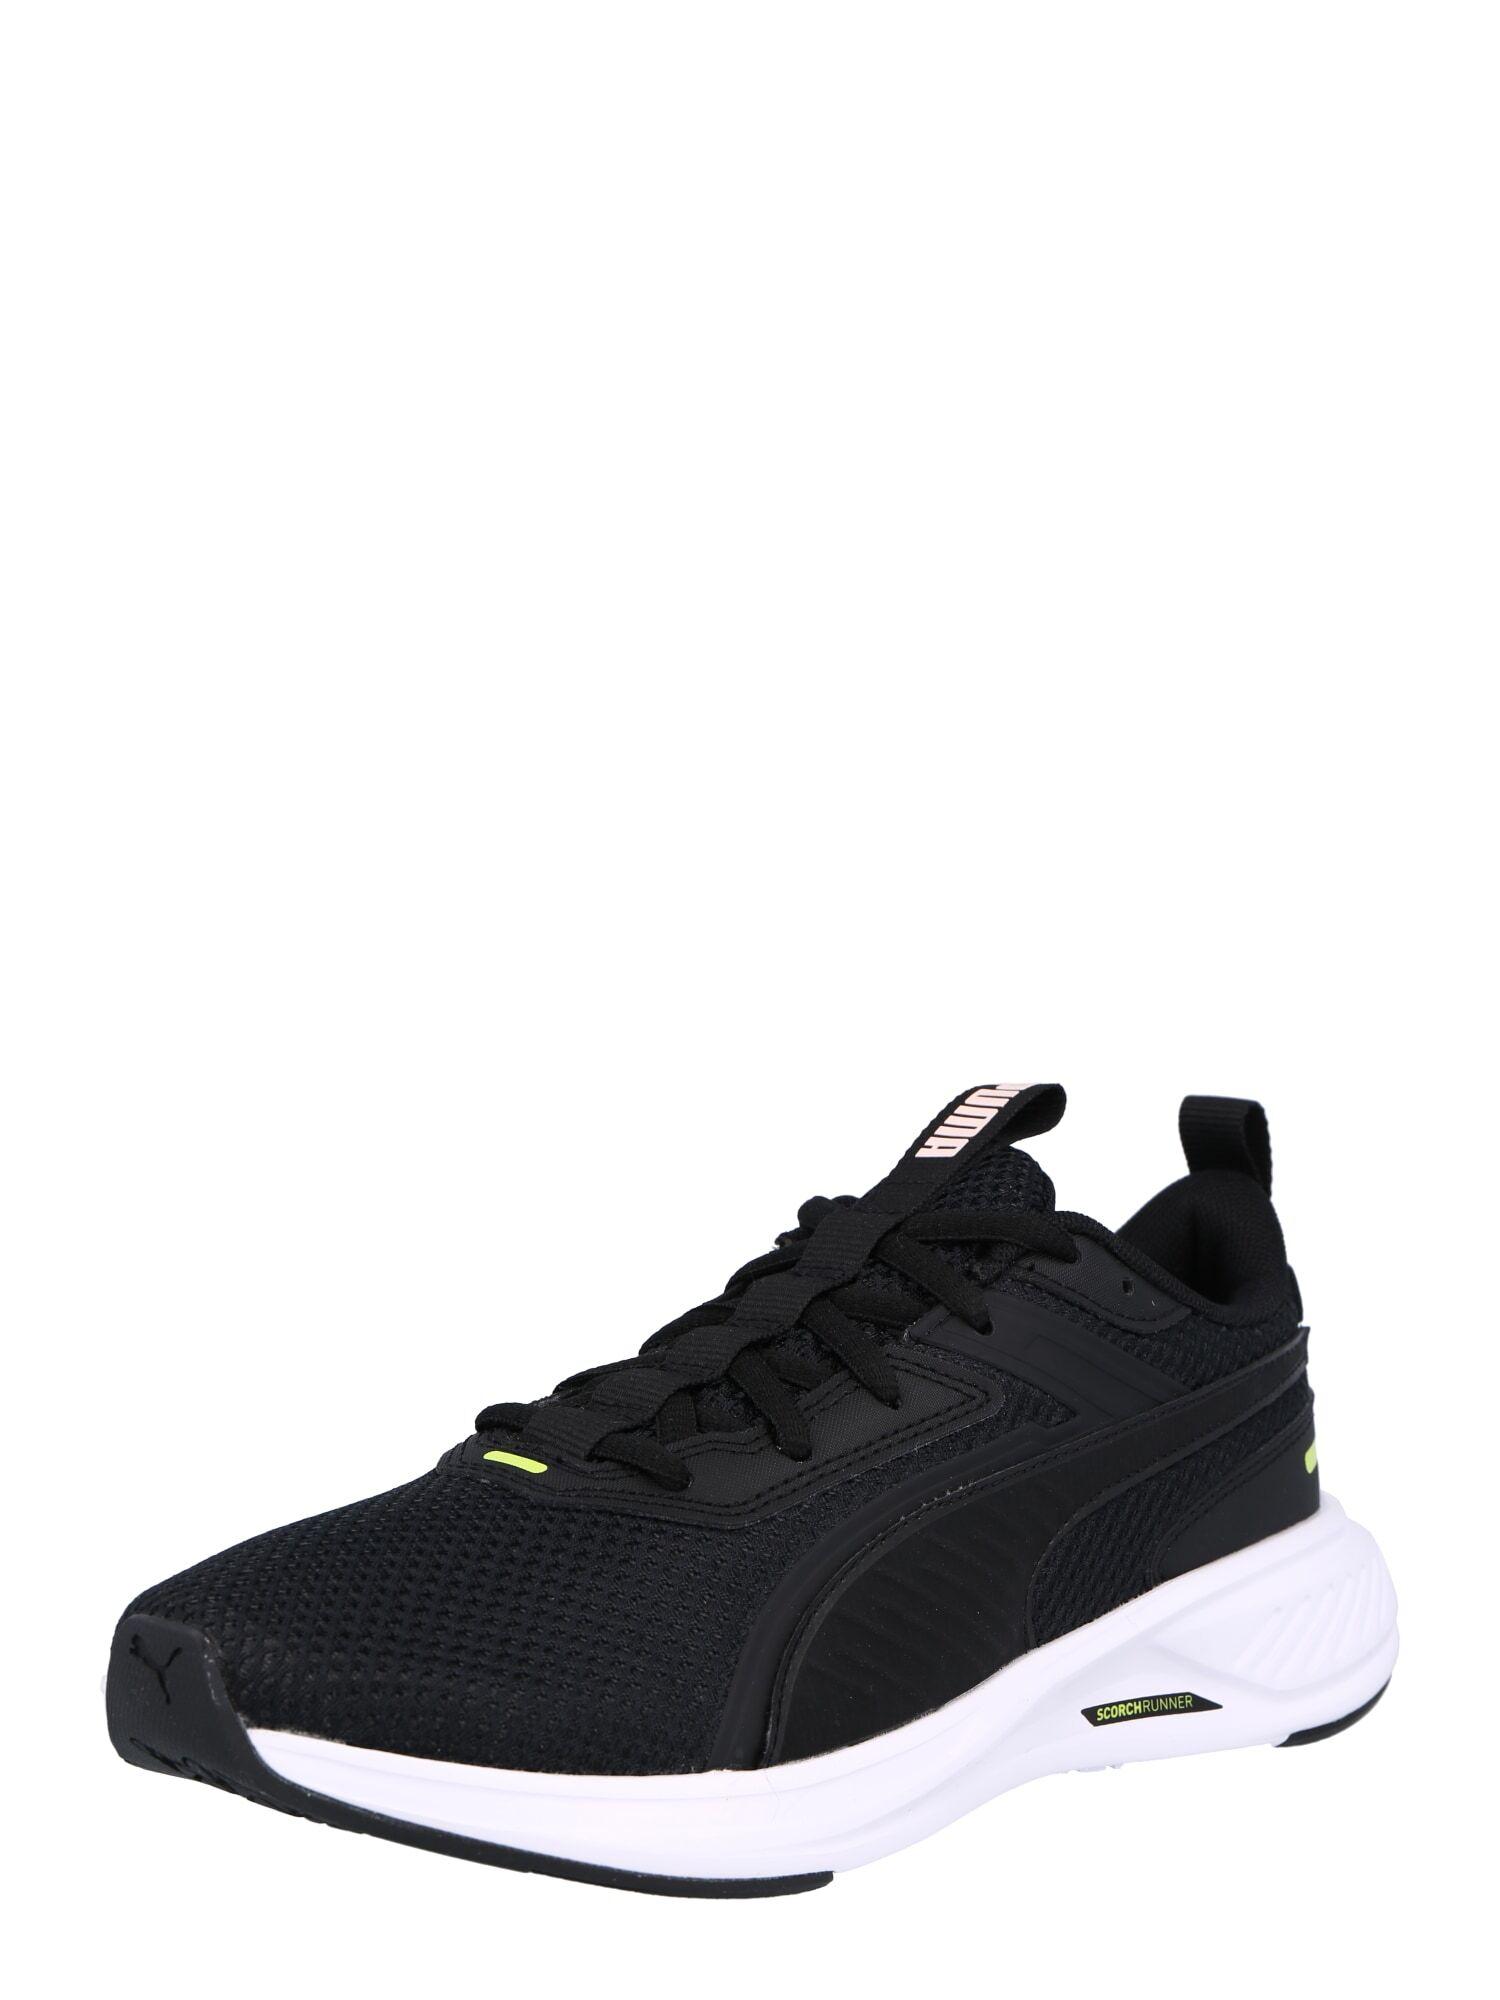 PUMA Chaussure de course  - Noir - Taille: 6.5 - male